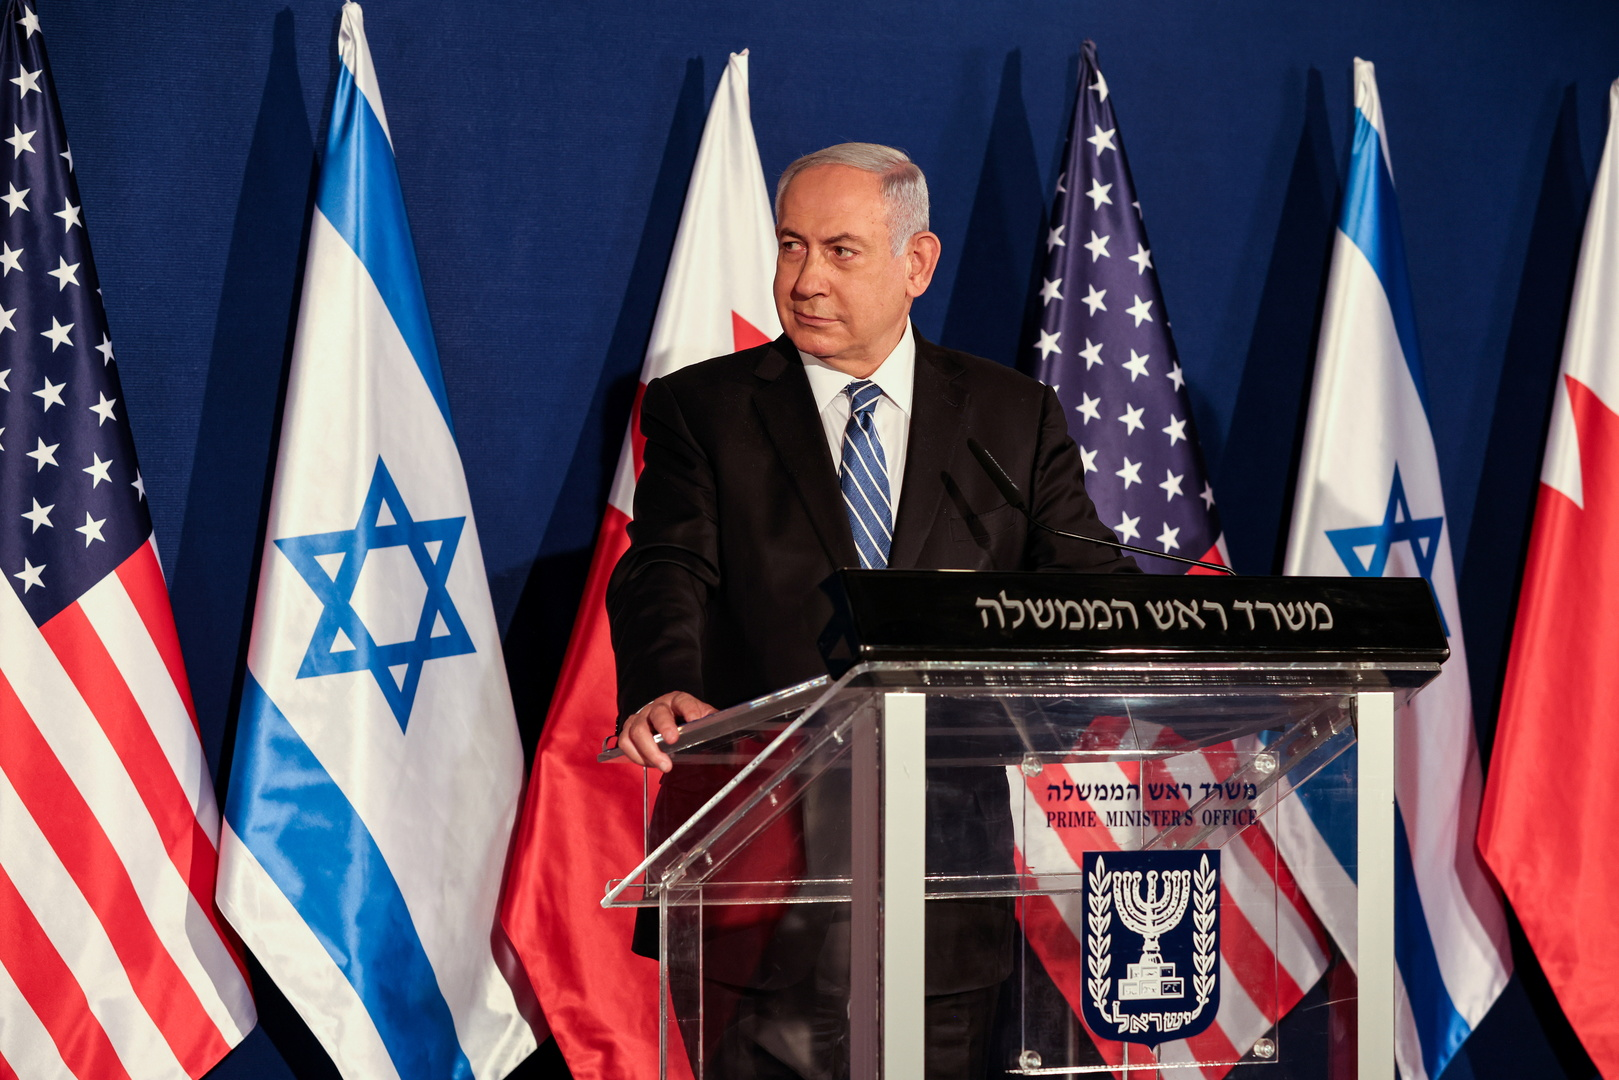 نتنياهو يعلن أنه سيزور البحرين قريبا بناء على دعوة من ولي عهدها